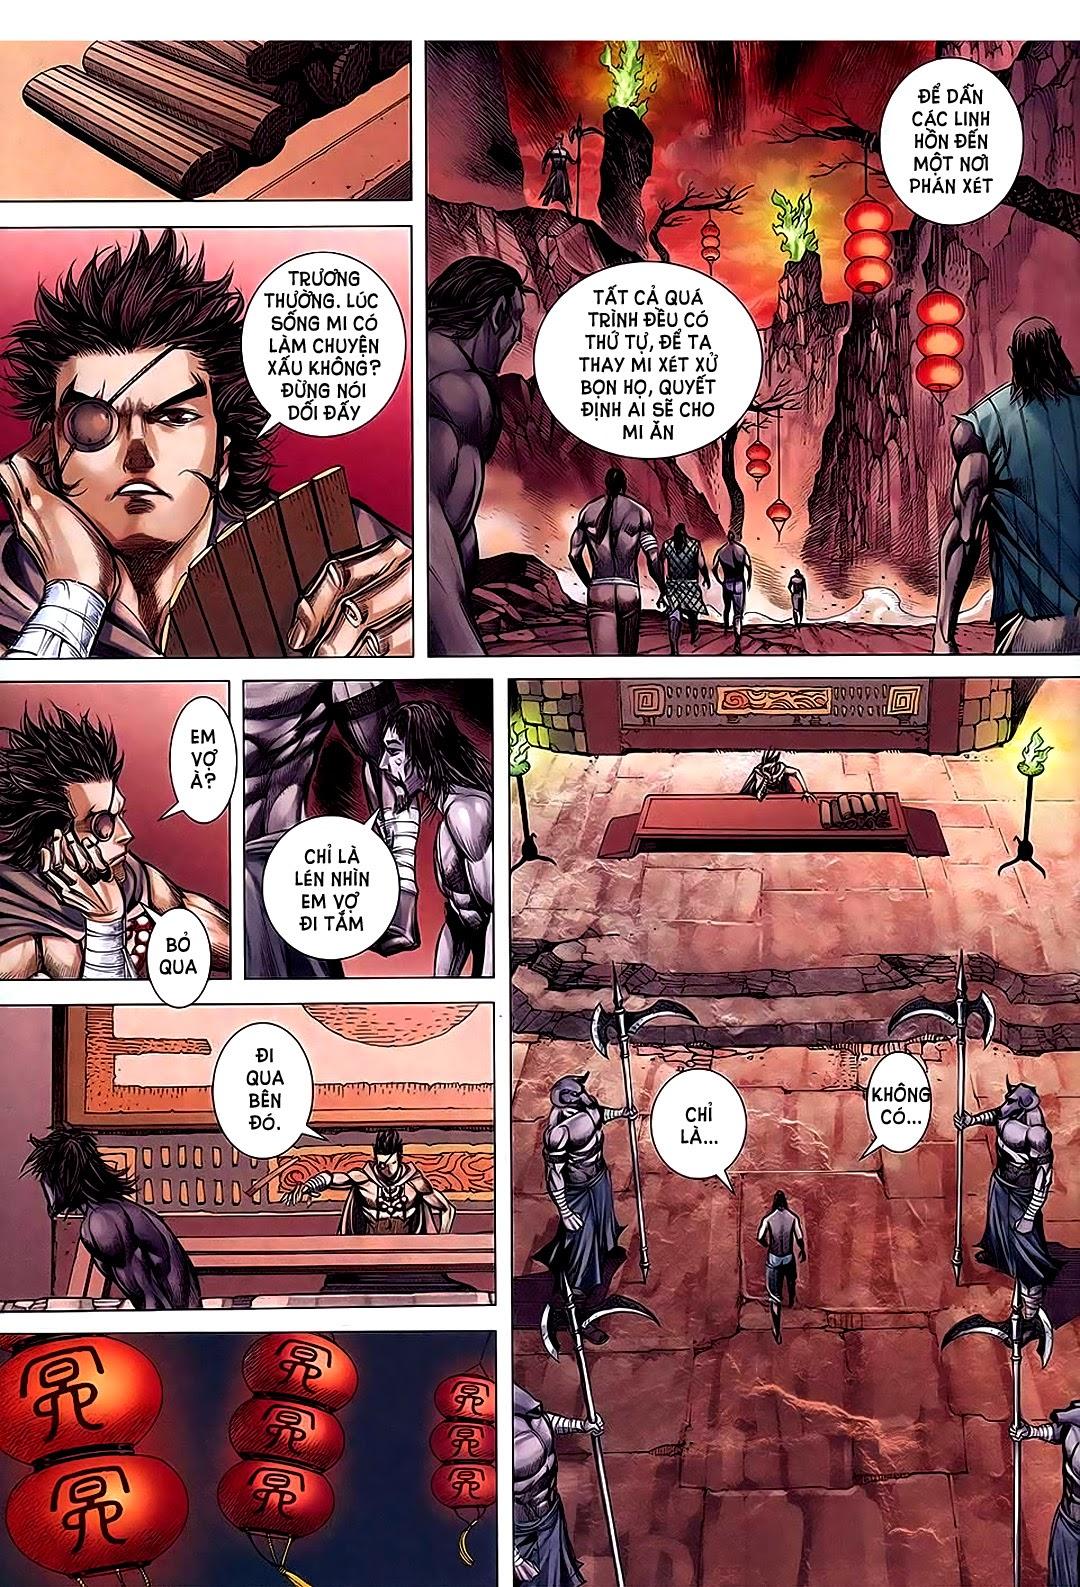 a3manga.com-phong-than-ky-29